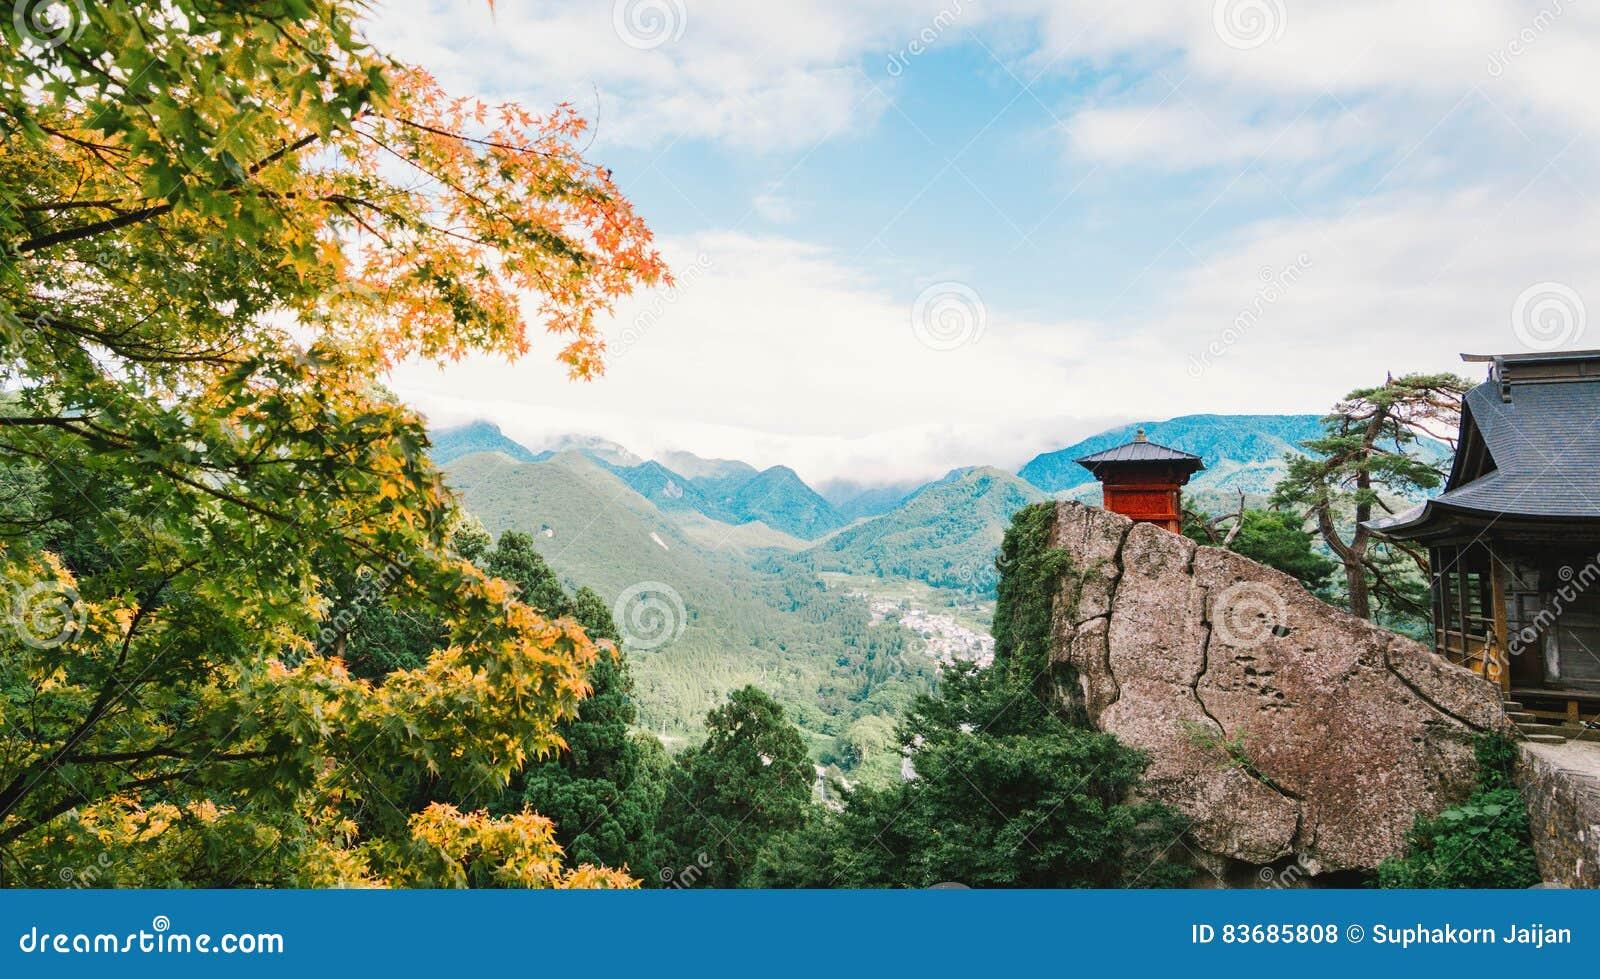 Yamadera Japan